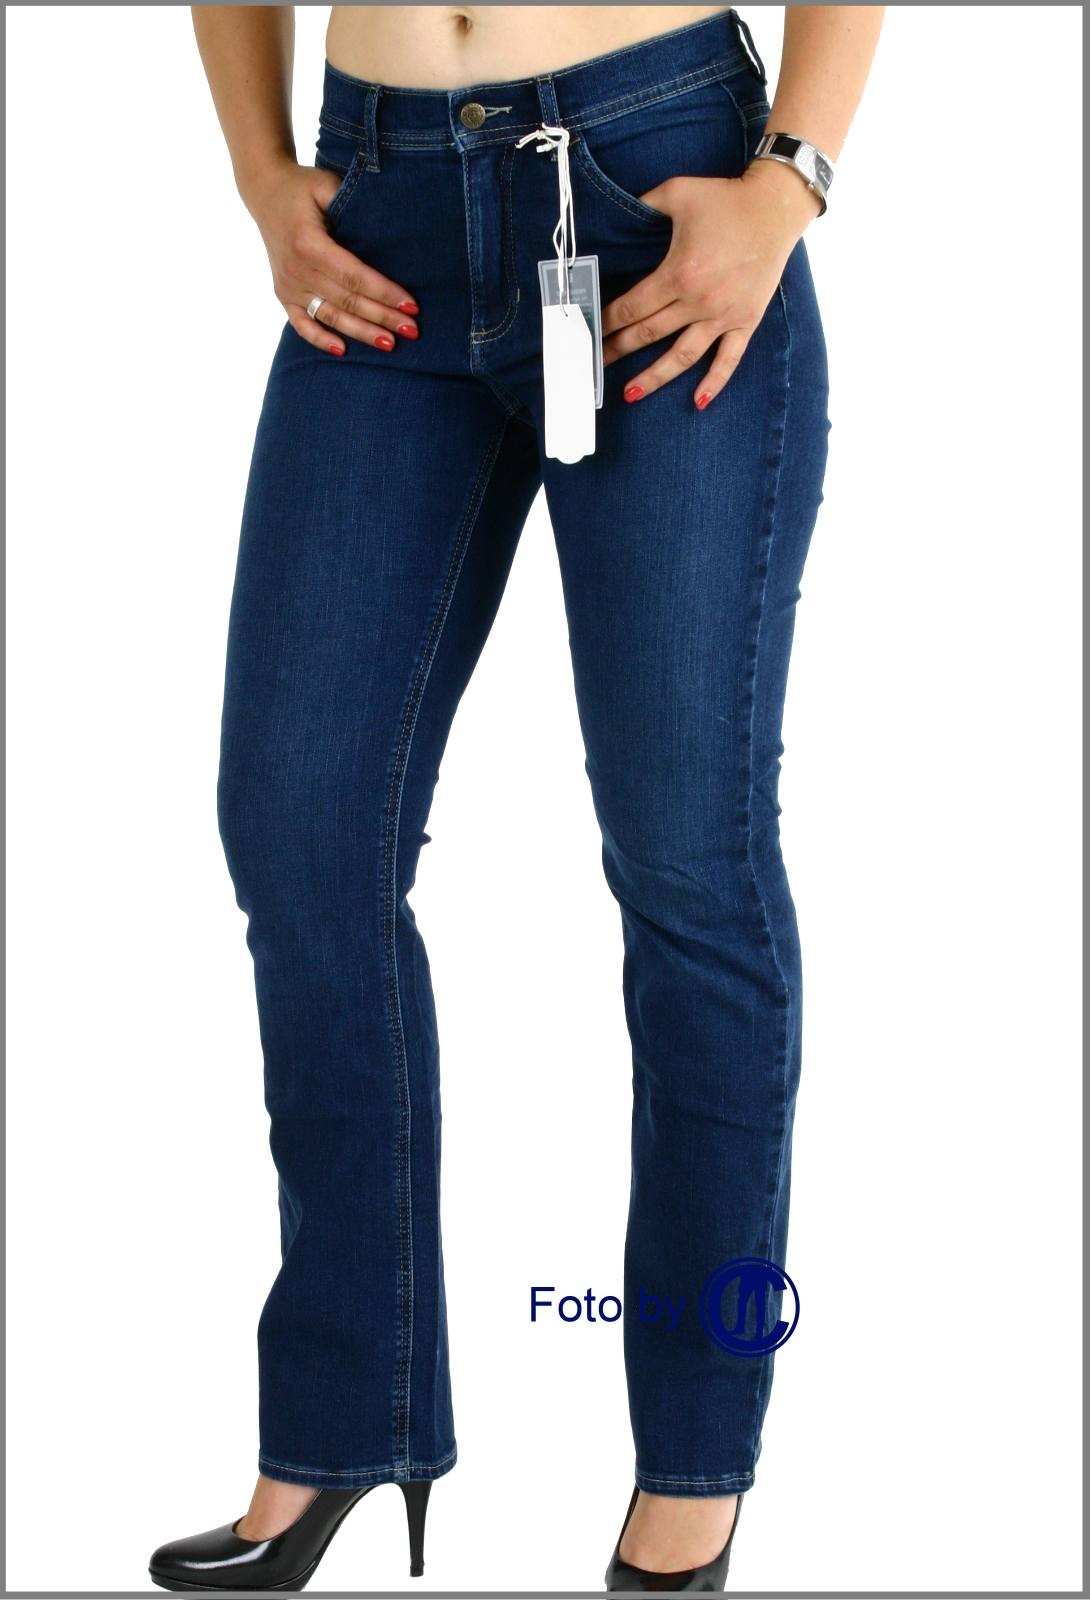 paddocks paddocks jeans damenjeans von paddocks kate in blue black slim fit konfektion gr 36. Black Bedroom Furniture Sets. Home Design Ideas